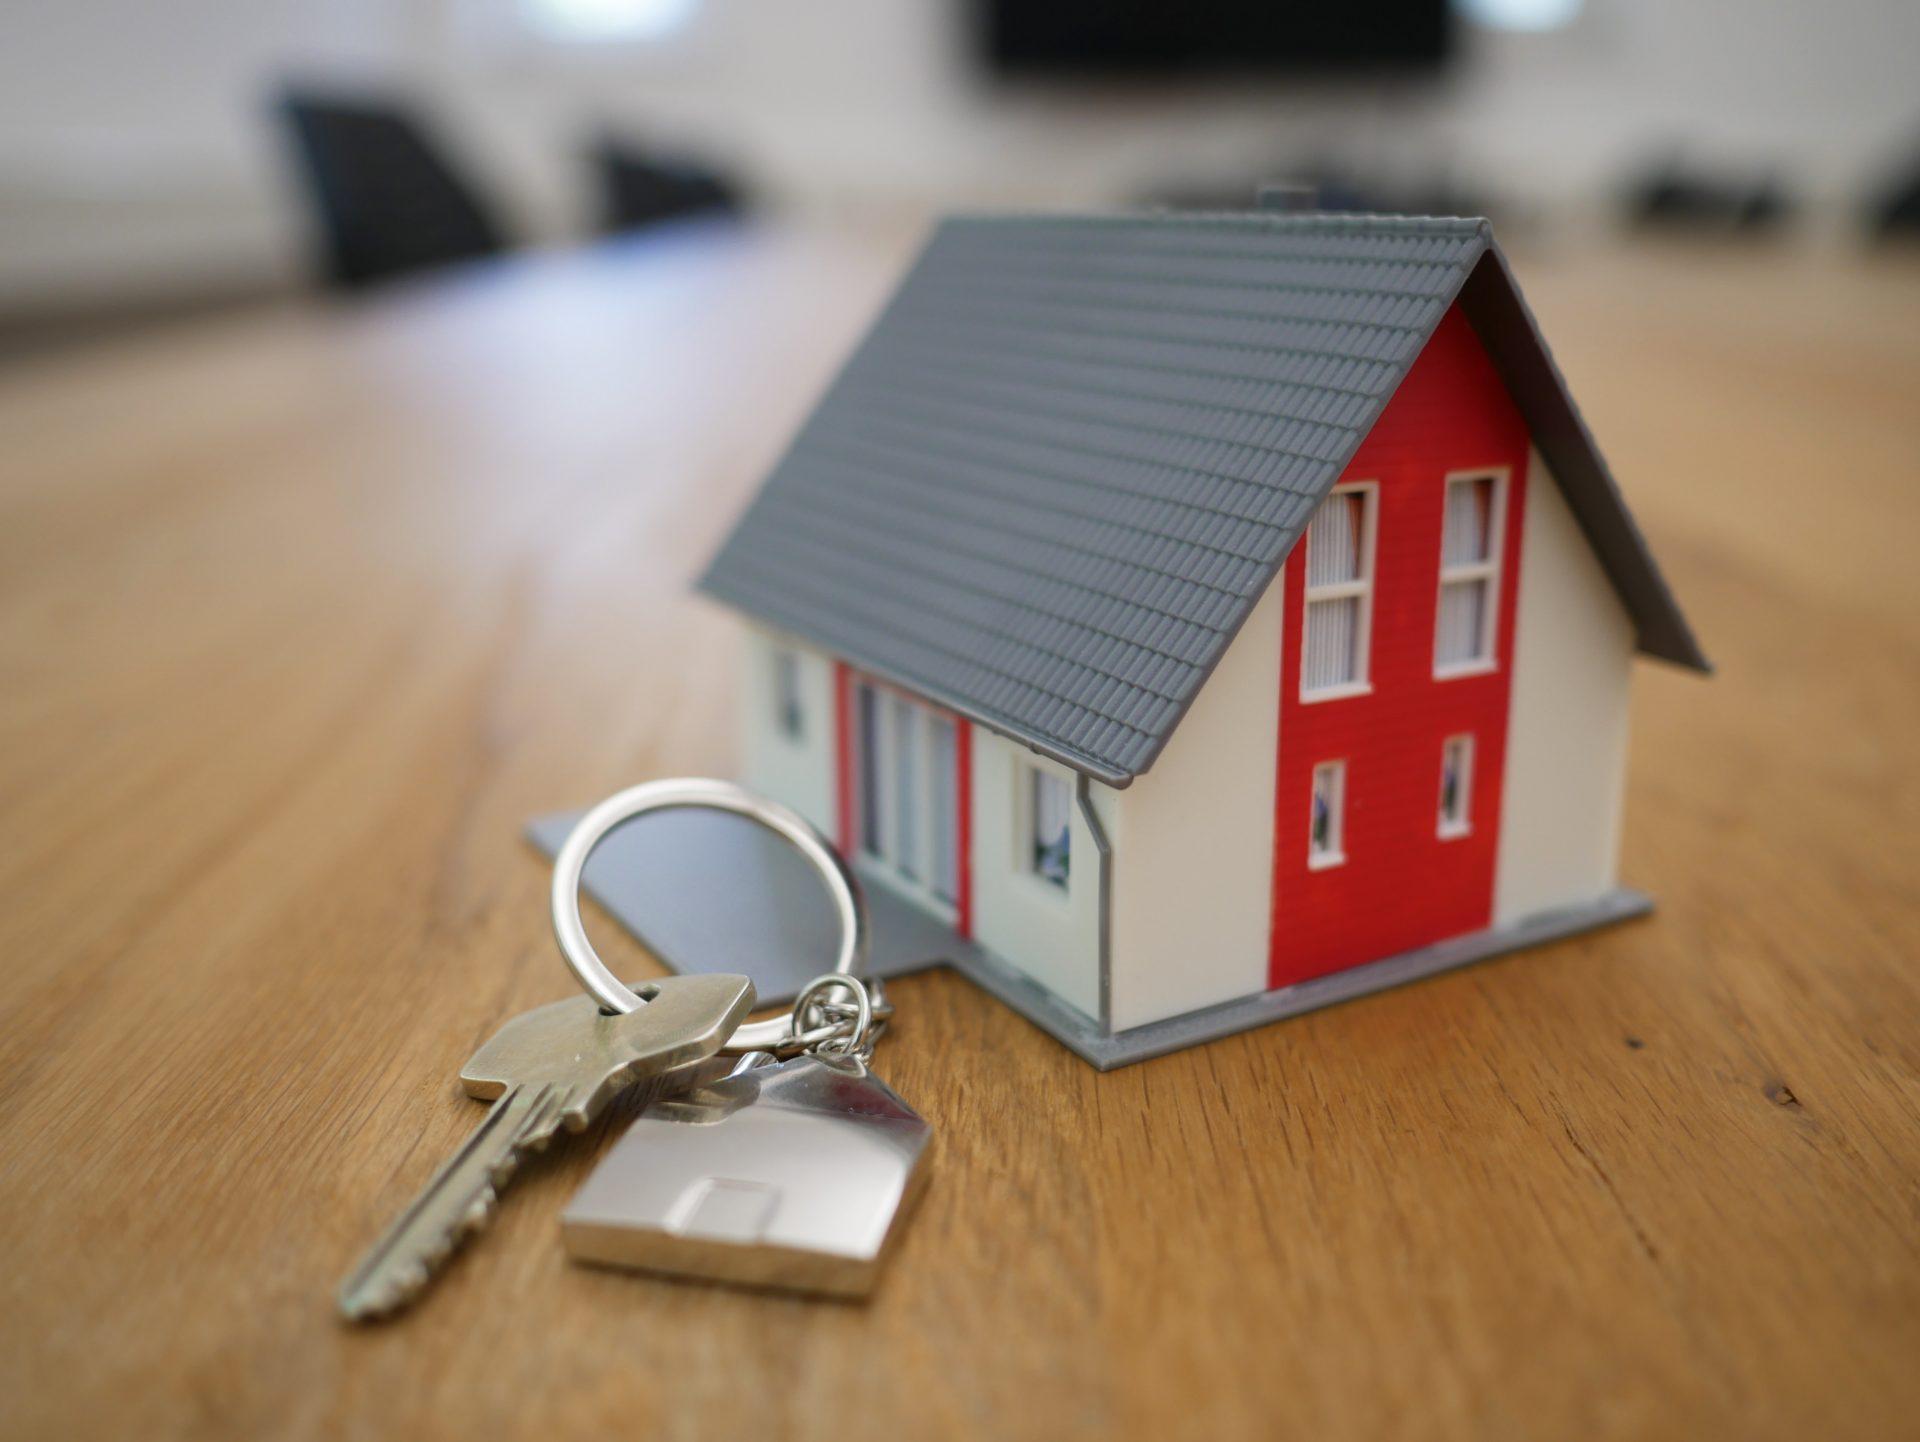 hypoteka-dom-kluc-dreveny-stol-strecha-okna